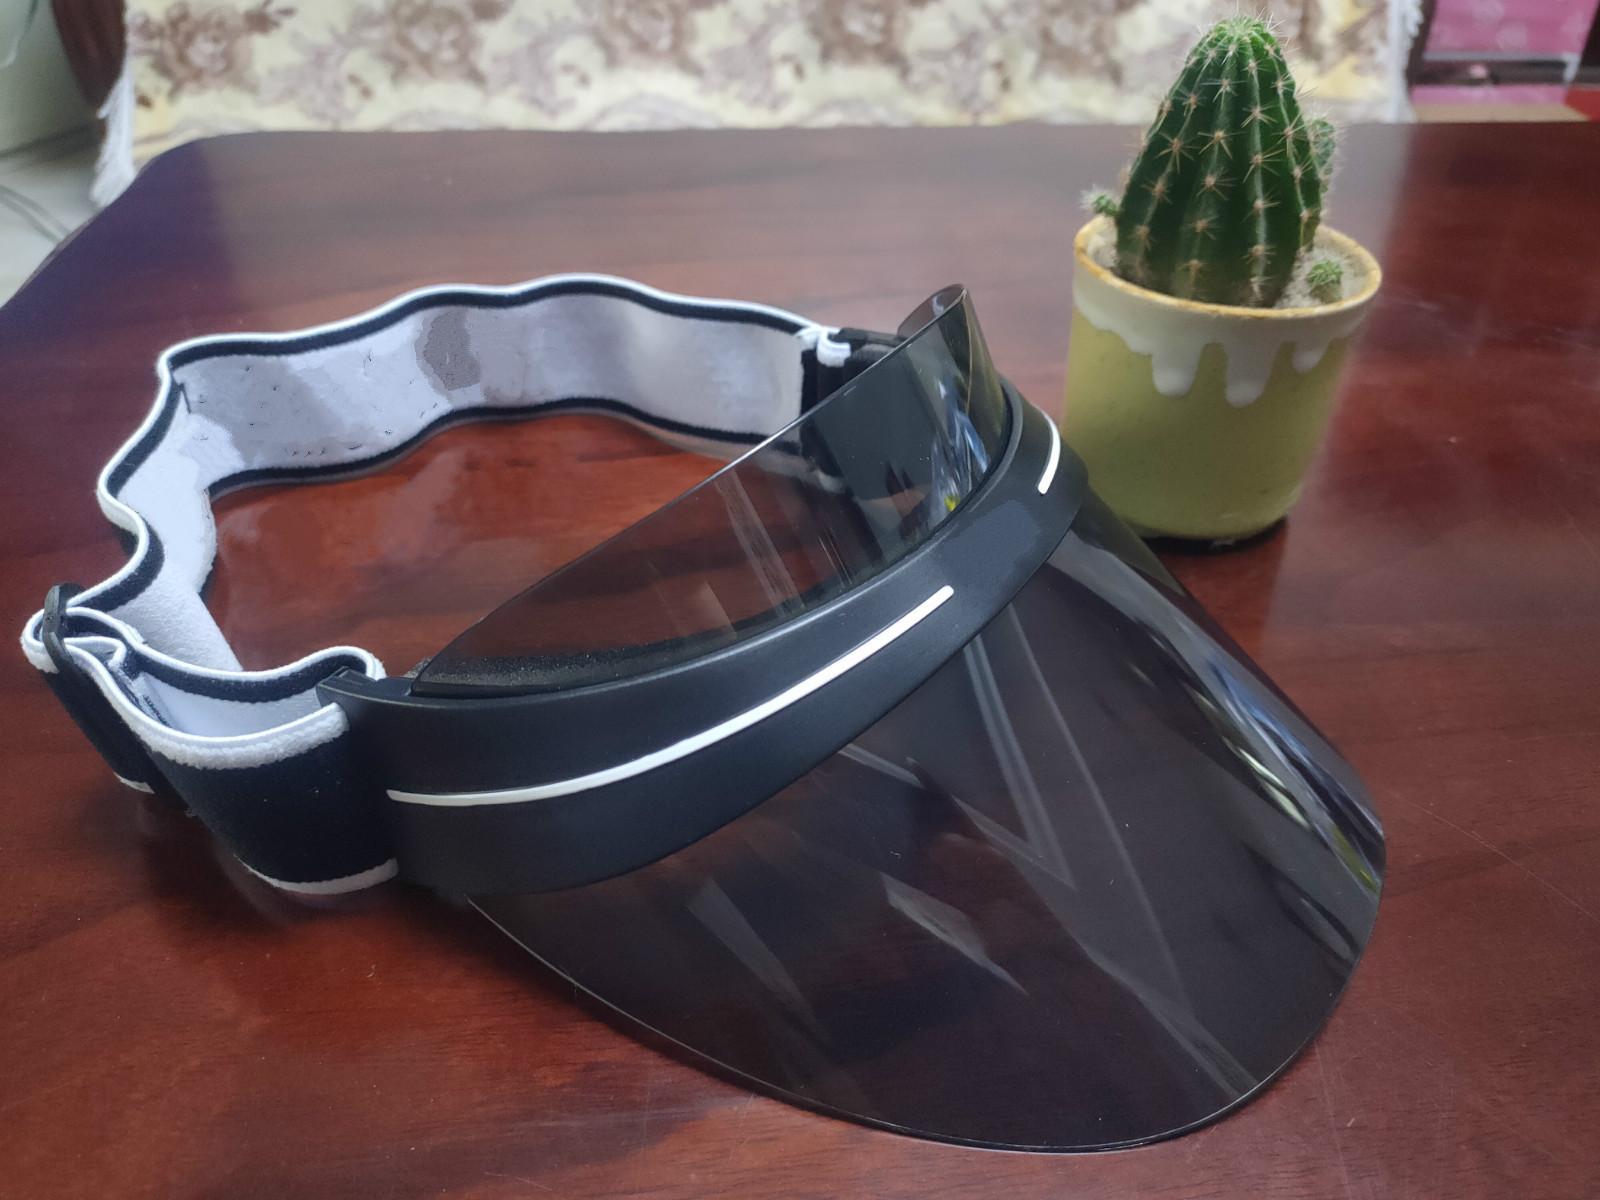 2021 ÜST Tasarımcı Visor Yükseltilmiş Kalınlaşmış Marka Güneş Şapka Yaz Açık UV Güneş Gözlüğü Ayarlanabilir Boyutu 56-62 cm